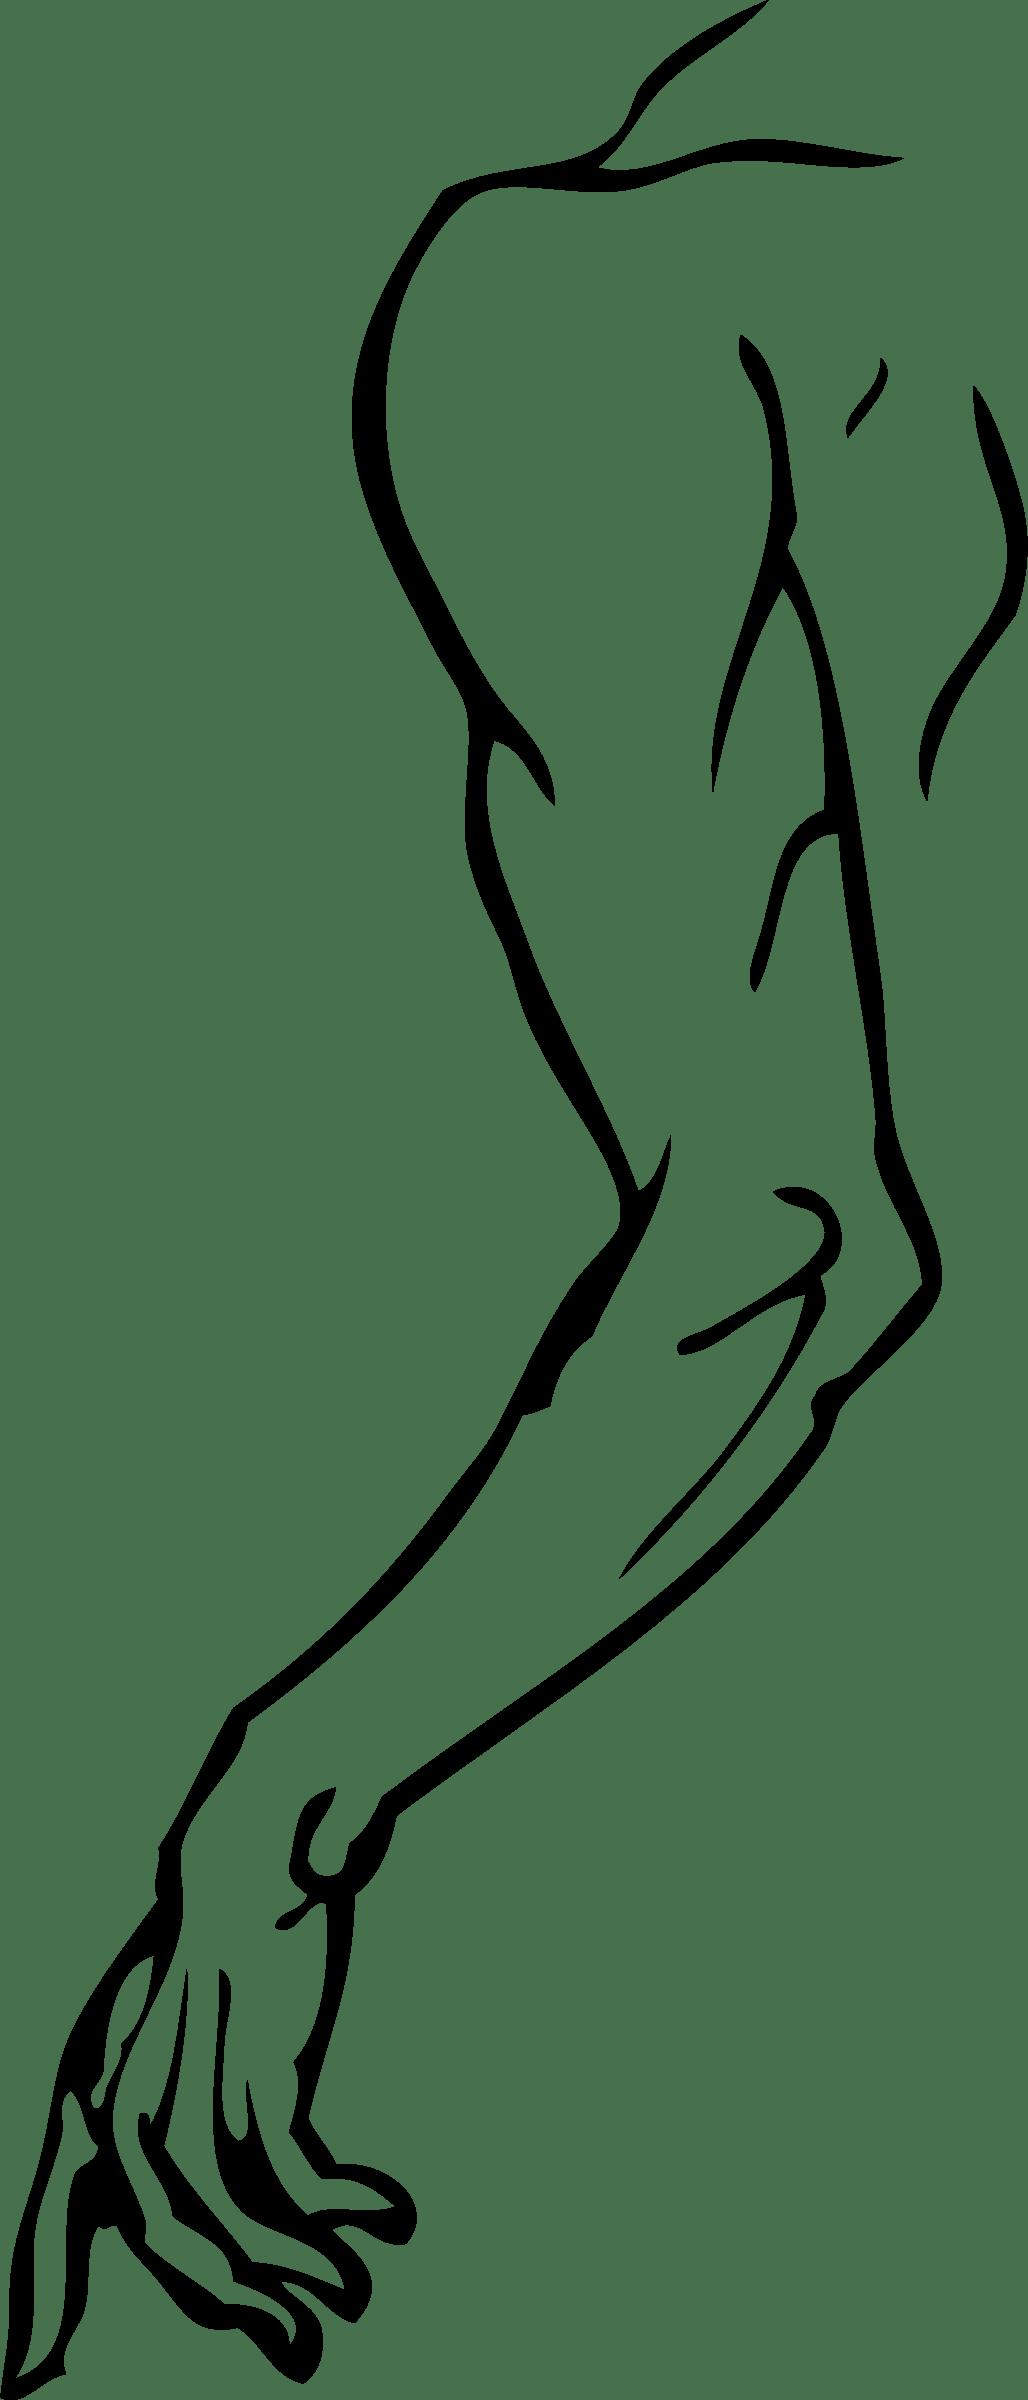 Arm Clipart Left Arm Arm Left Arm Transparent Free For